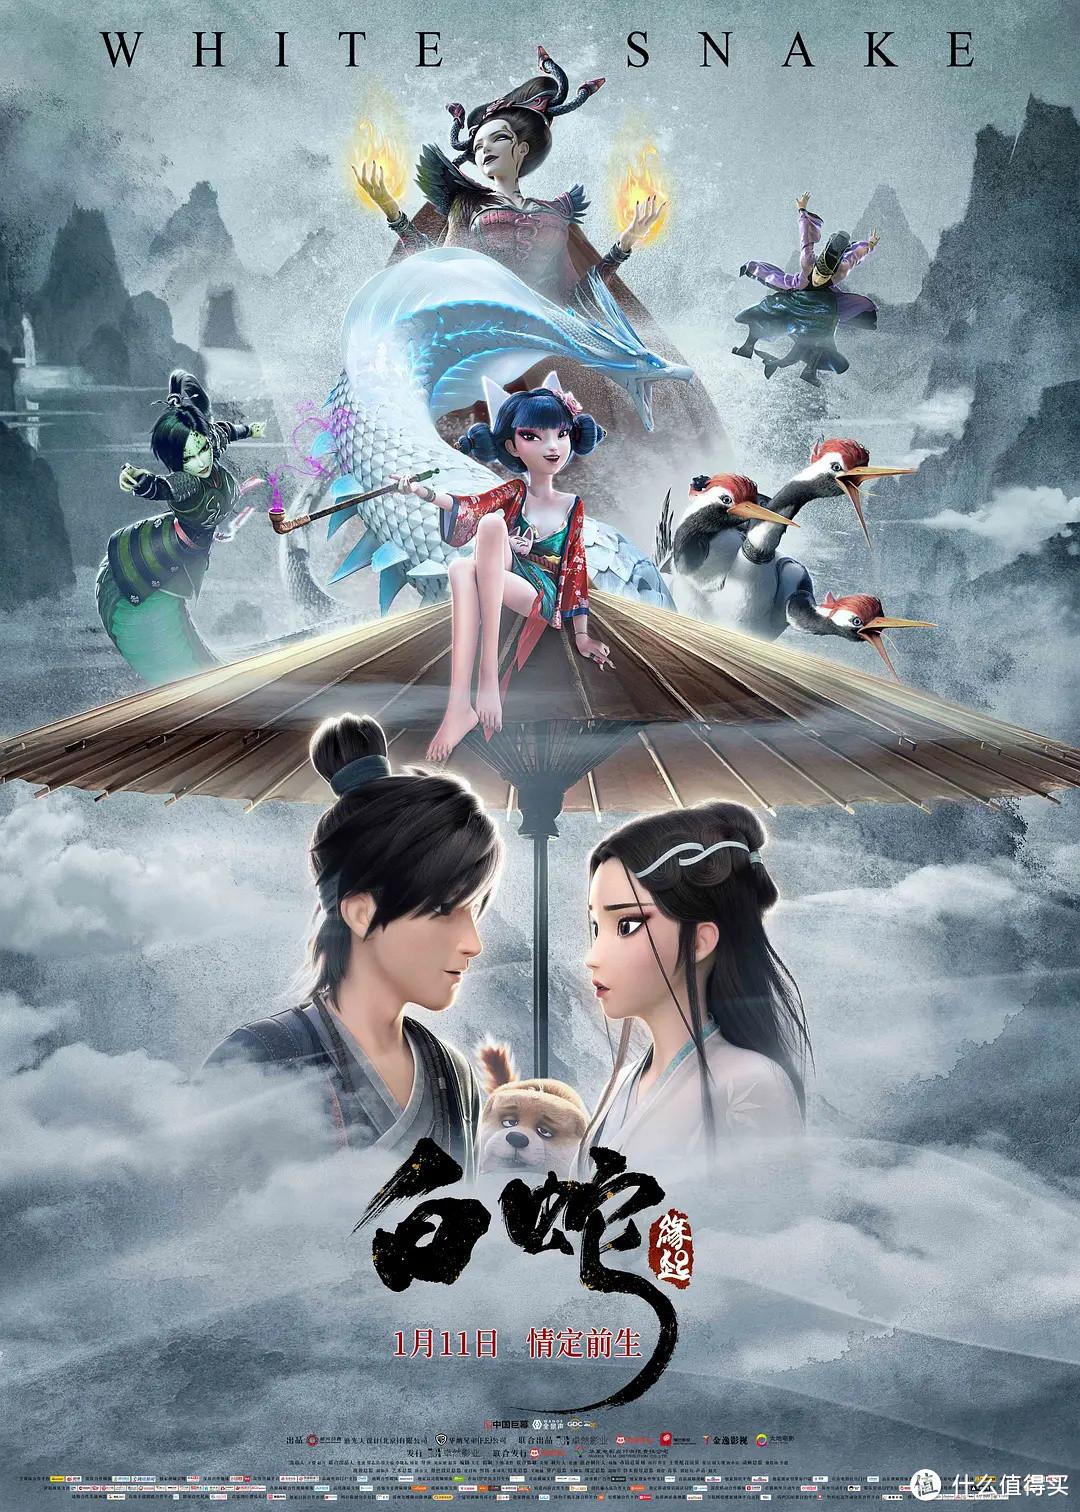 不要眨眼睛,这部动画的每一帧都美到了极致,里面充满了只有中国人才能理解的美学奥义。